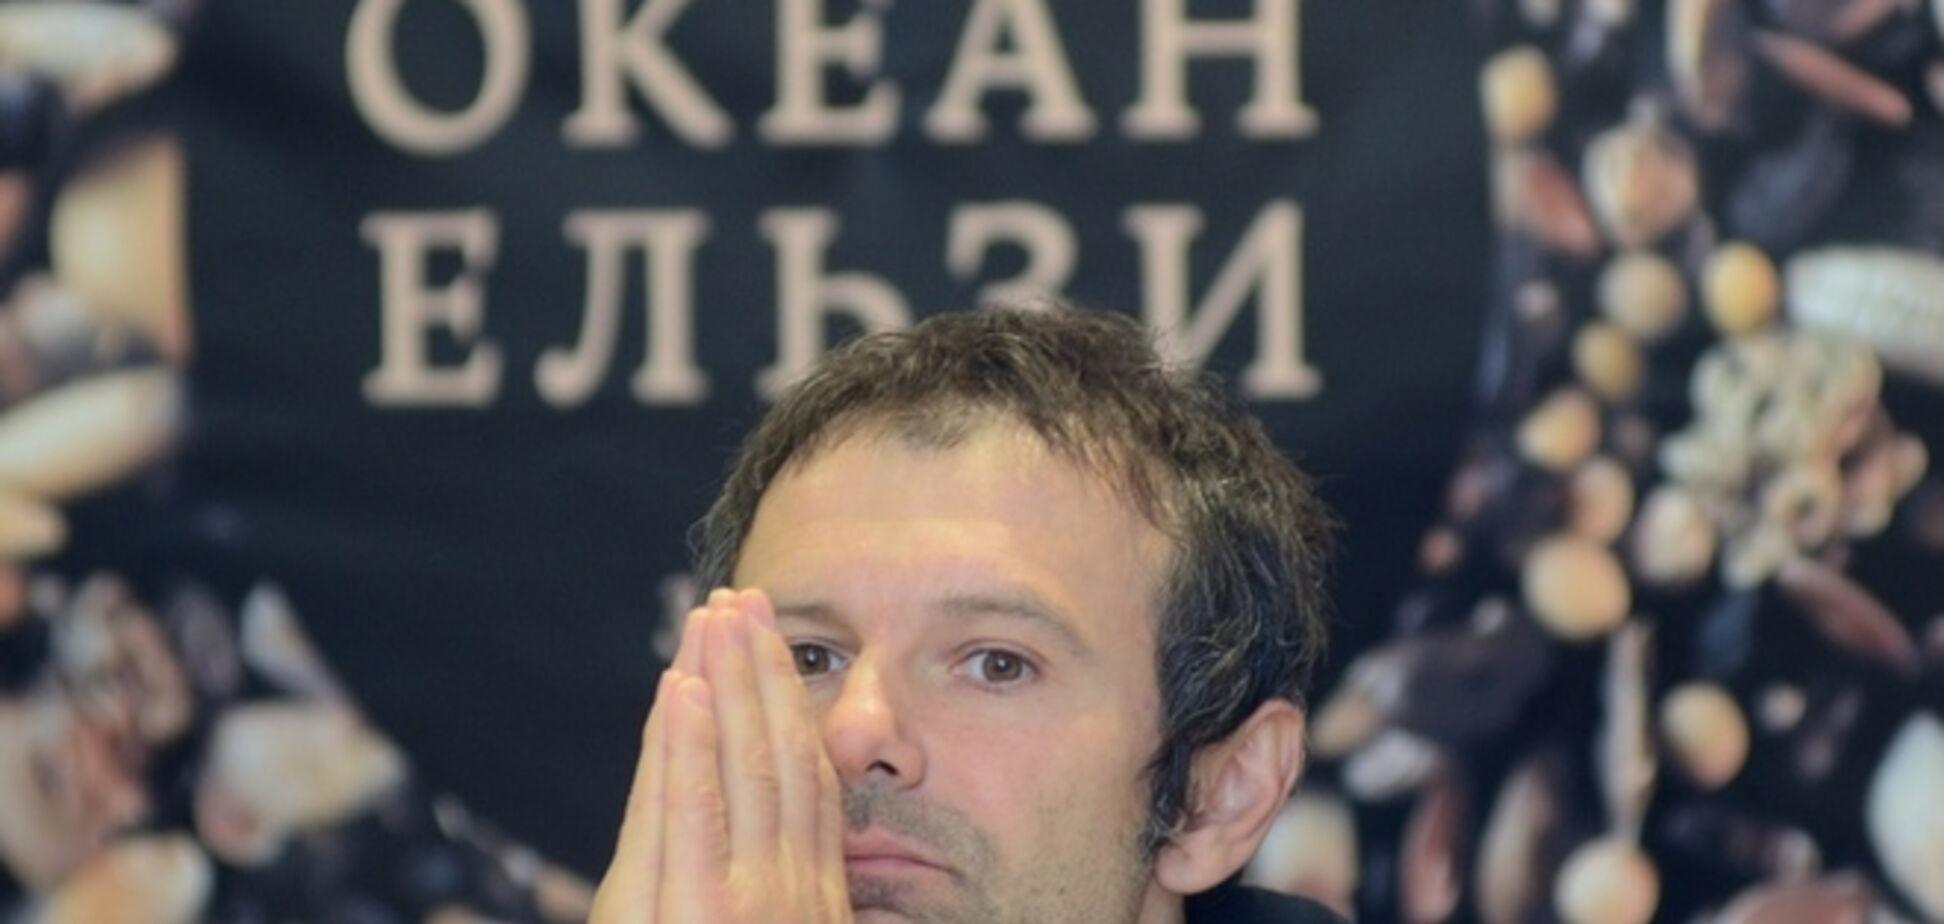 Вакарчук заявил, что виновные в трагедии под Волновахой не найдут покоя даже в аду